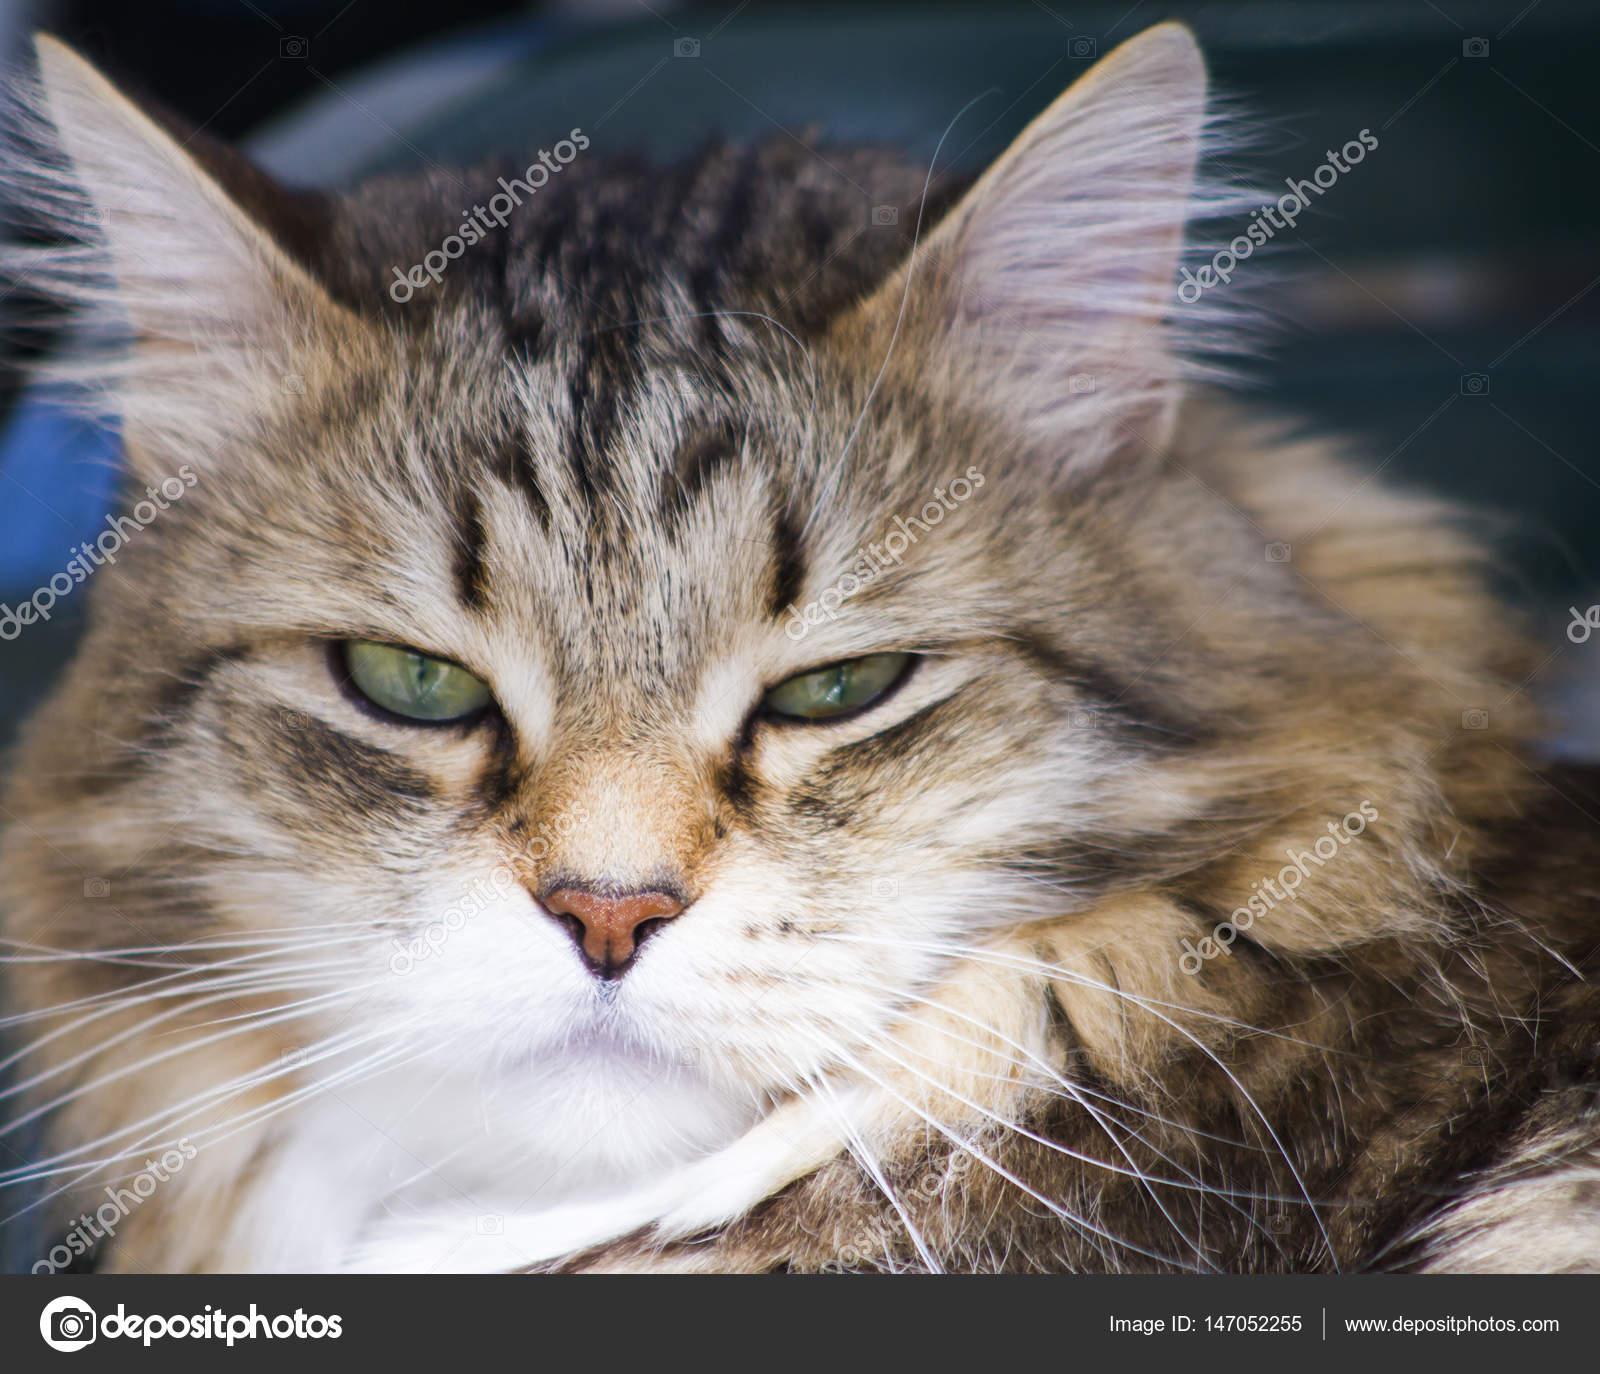 Legrační Kočky, Roztomilá Zvířecí Miminka, Srandovní Fotky Zvířat, Pěkné Kočky, Krásné Kočky, Videa S Legračními Zvířátky, Roztomilá Zvířátka, Rozkošná.